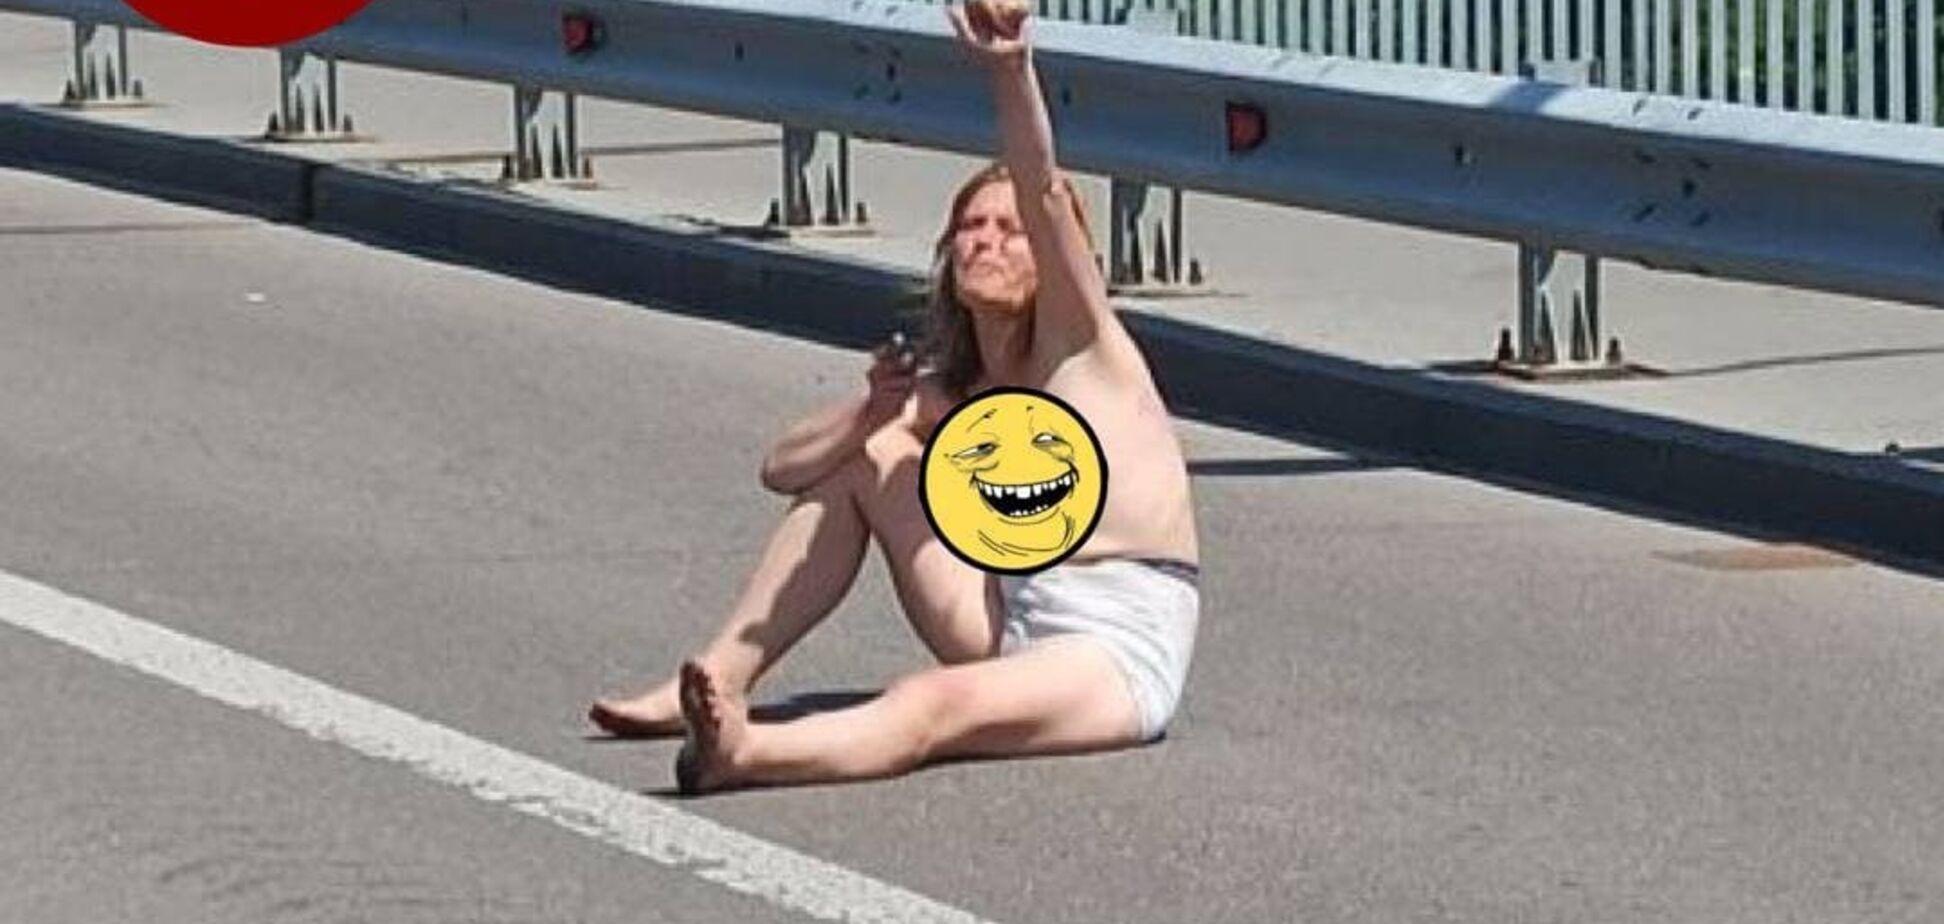 У Києві нетвереза жінка роздяглася і лягла прямо посеред дороги. Фото